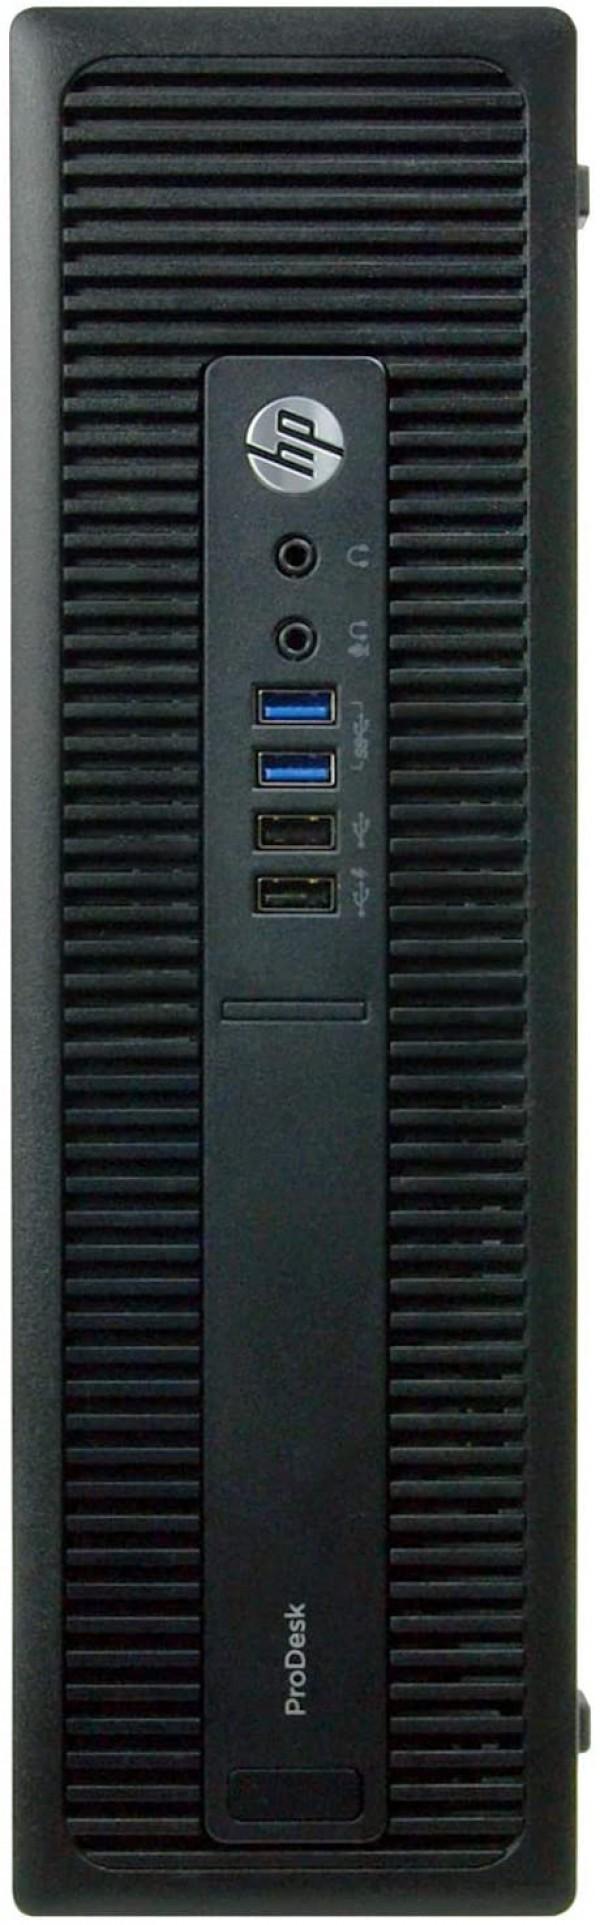 PC HP 600 G2 SFF i5-6600T/4GB/SSD256GB/W10Pro COA Ref.